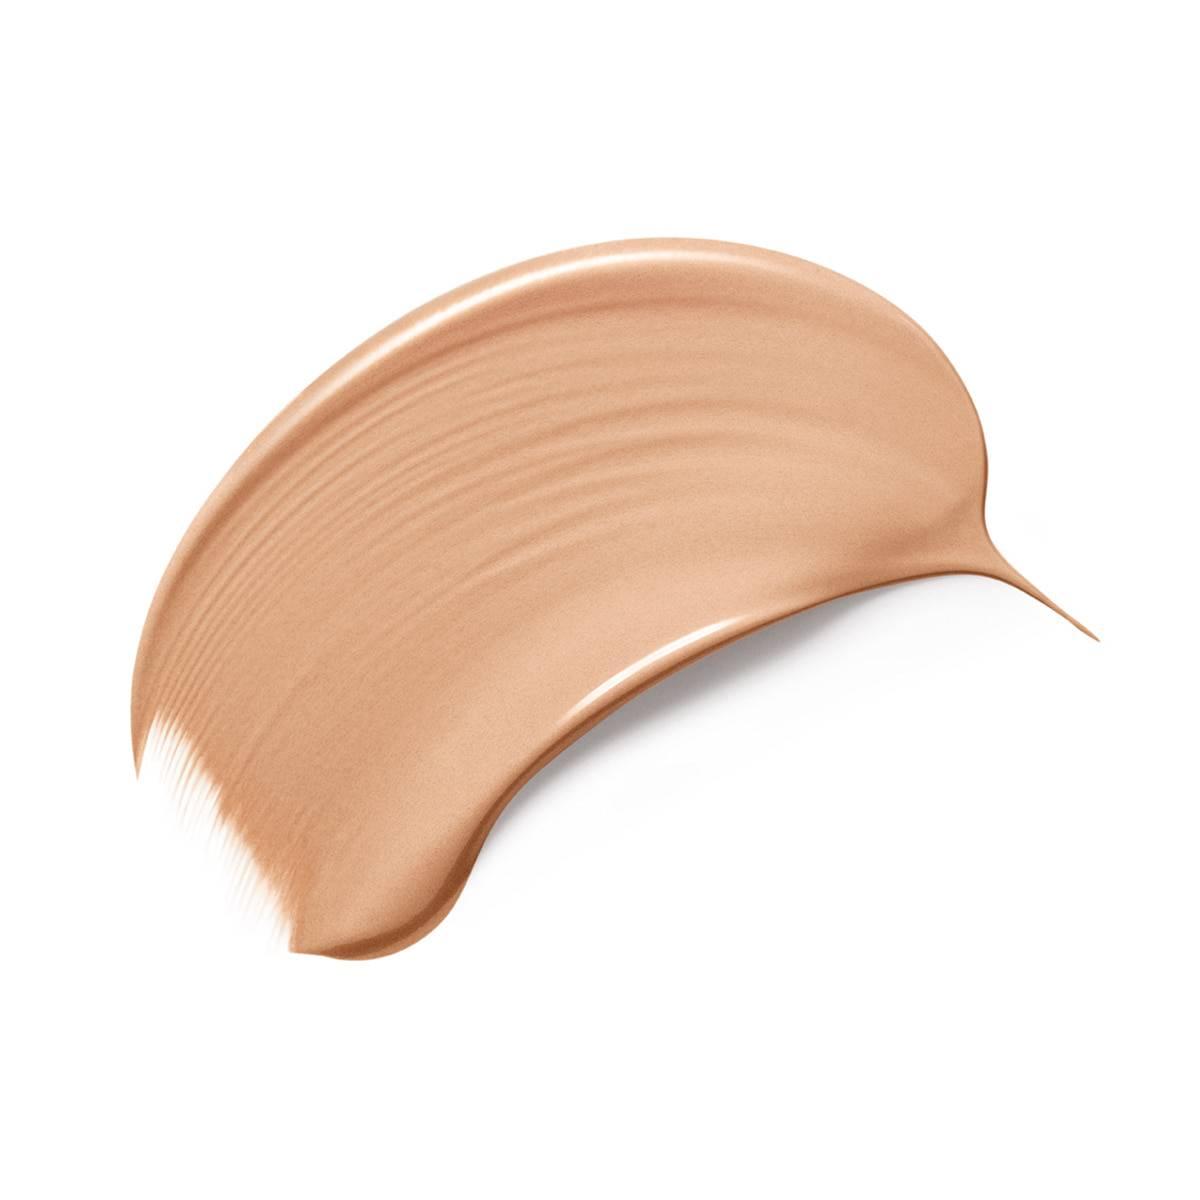 La Roche Posay ProductPage Rosaliac CC Cream Texture